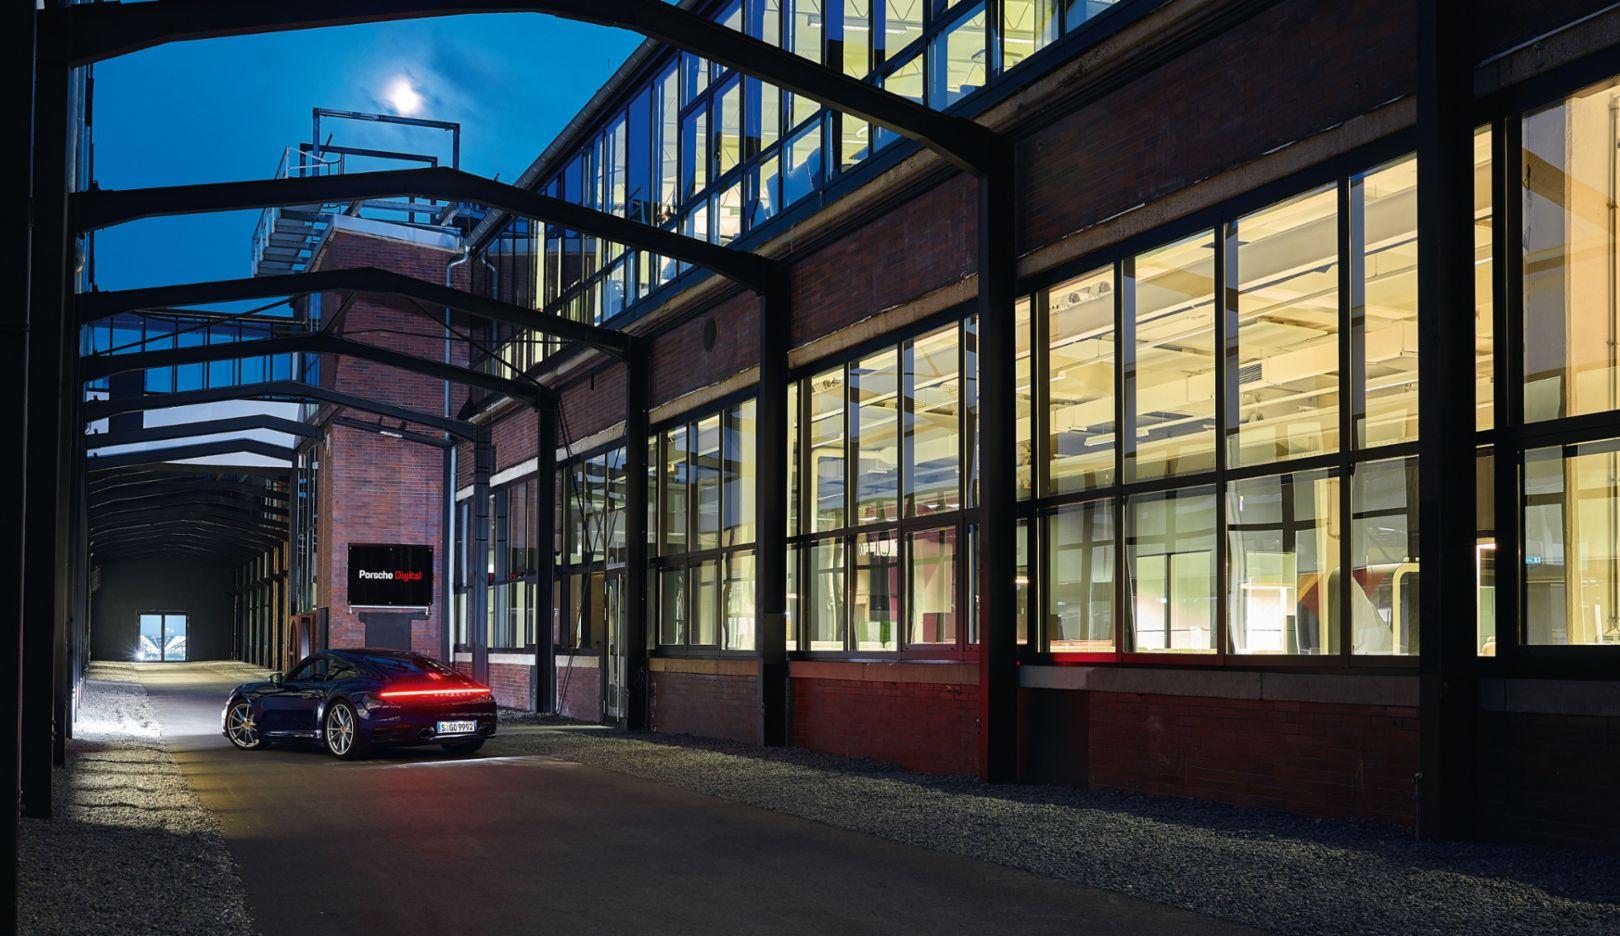 Porsche 911, Porsche Digital GmbH, Ludwigsburg, 2018, Porsche AG